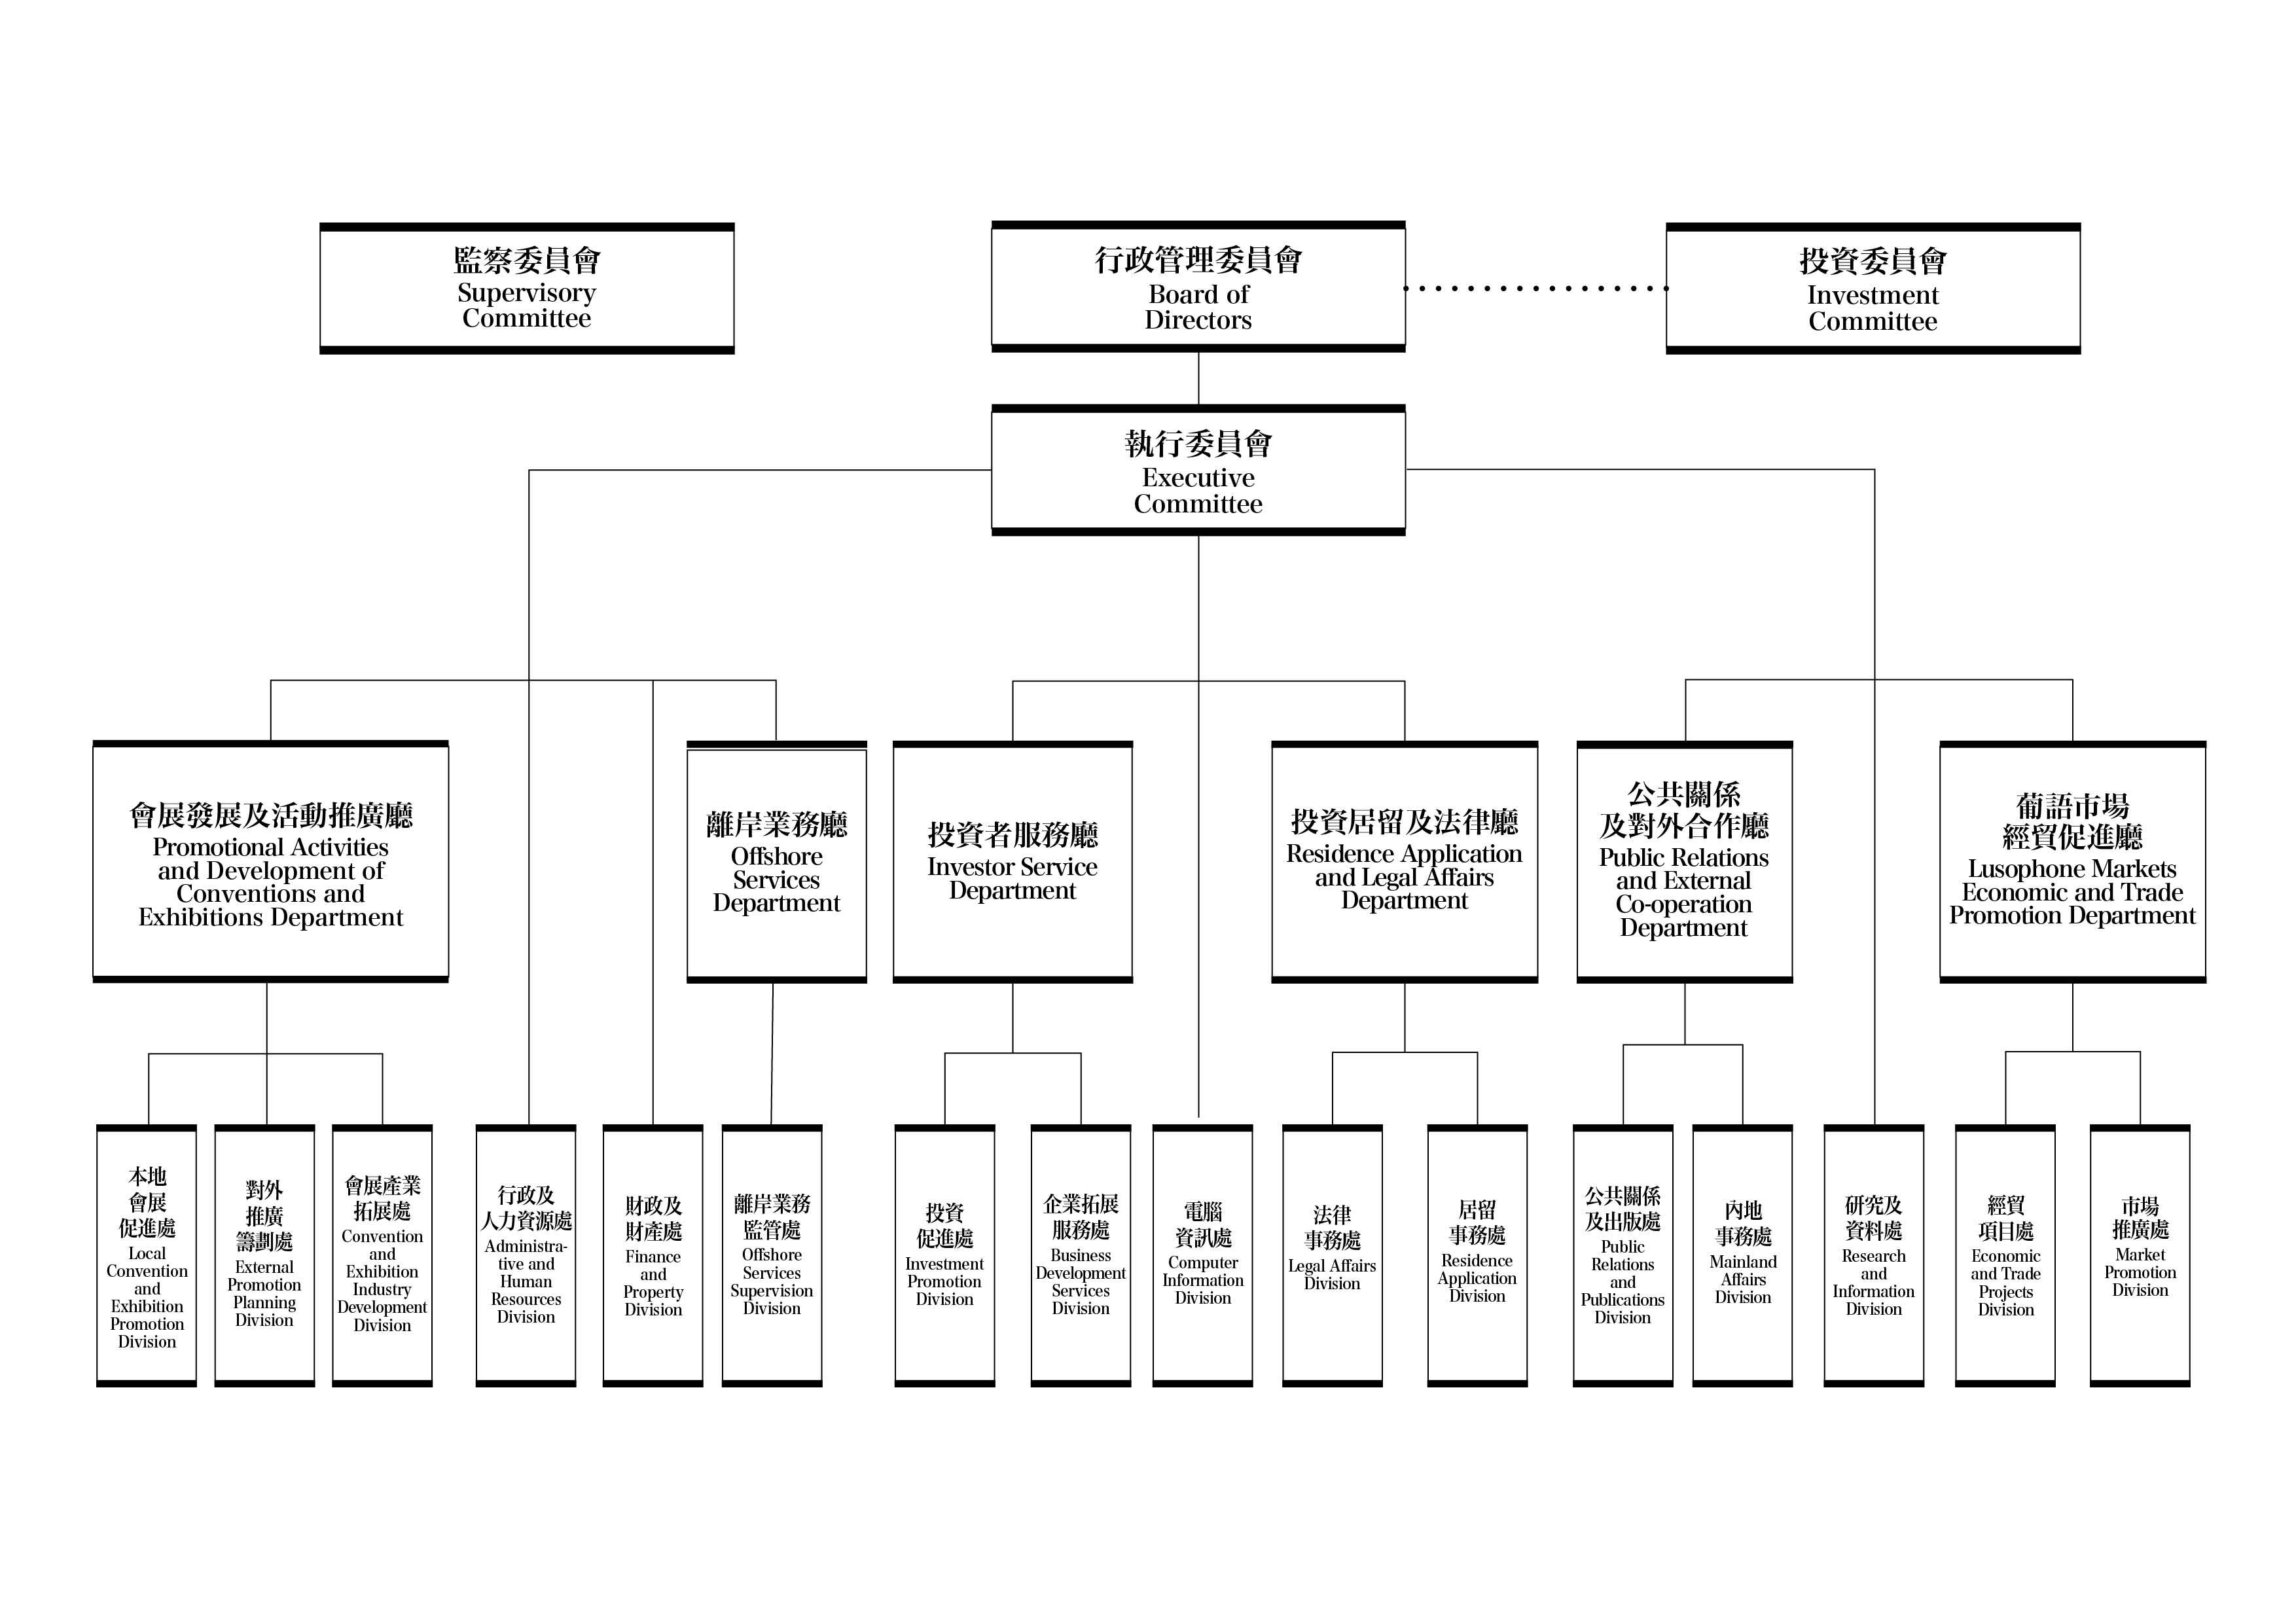 2018_organization_chart2